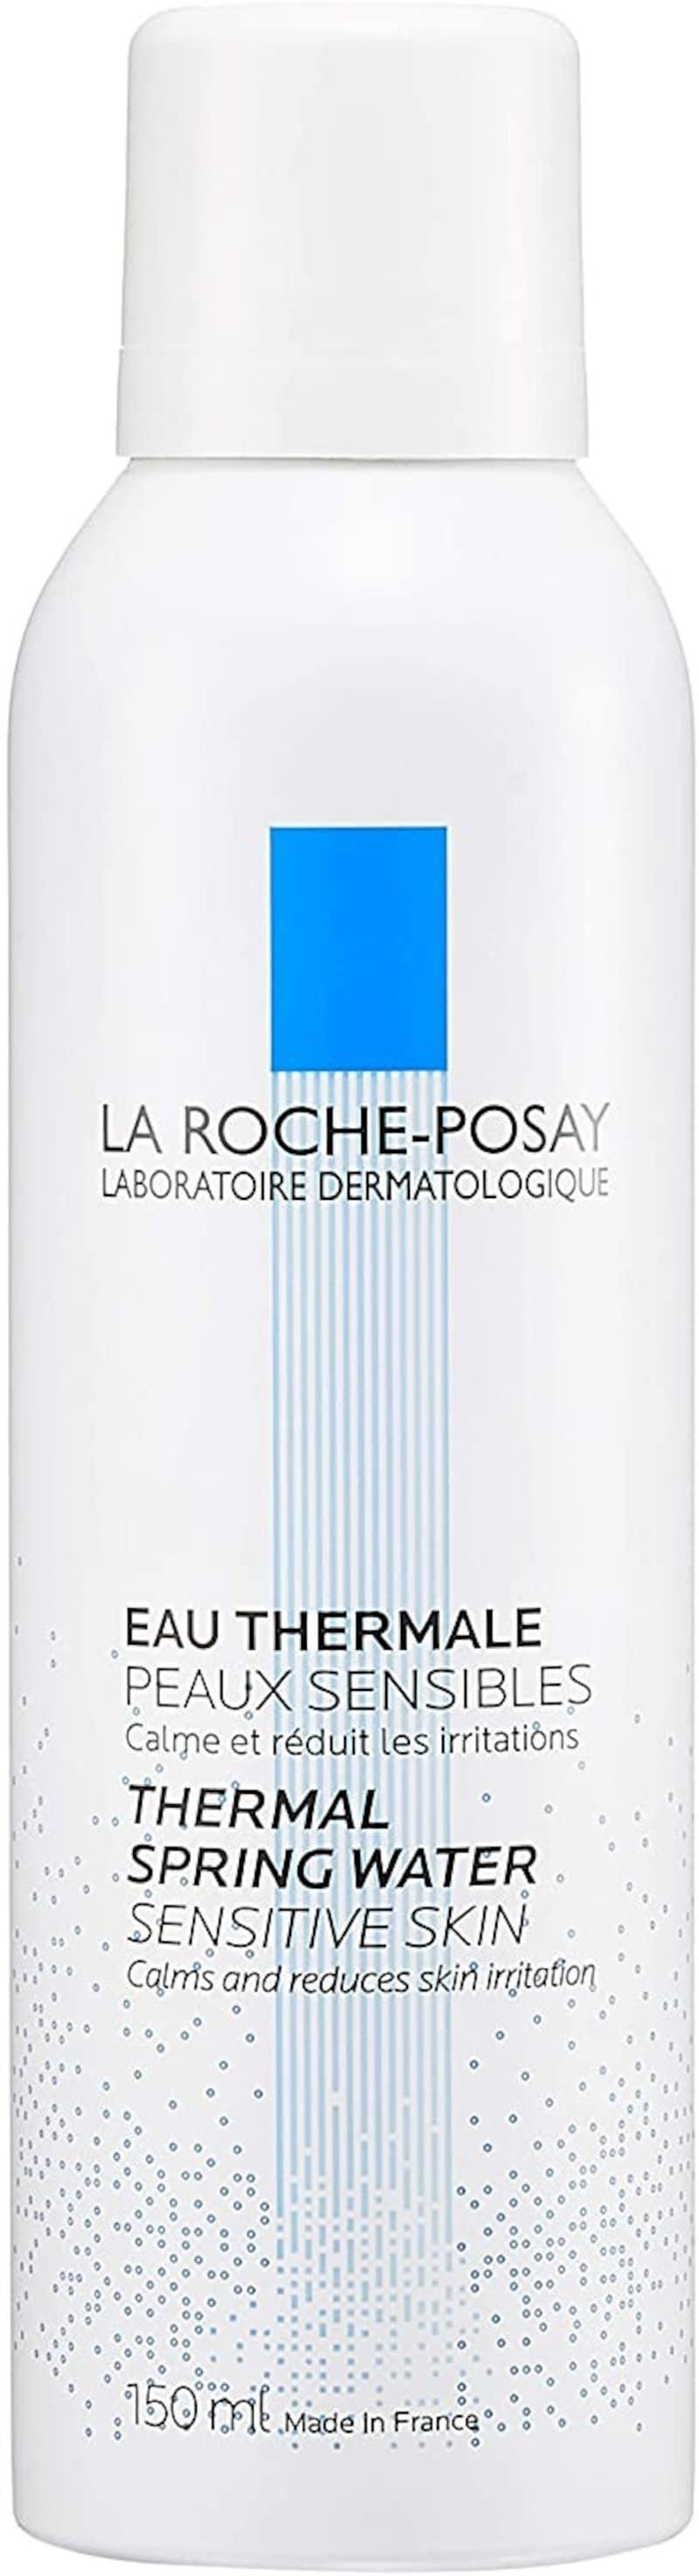 La Roche-Posay(ラロッシュポゼ),敏感肌用 ターマルウォーター ミスト状化粧水